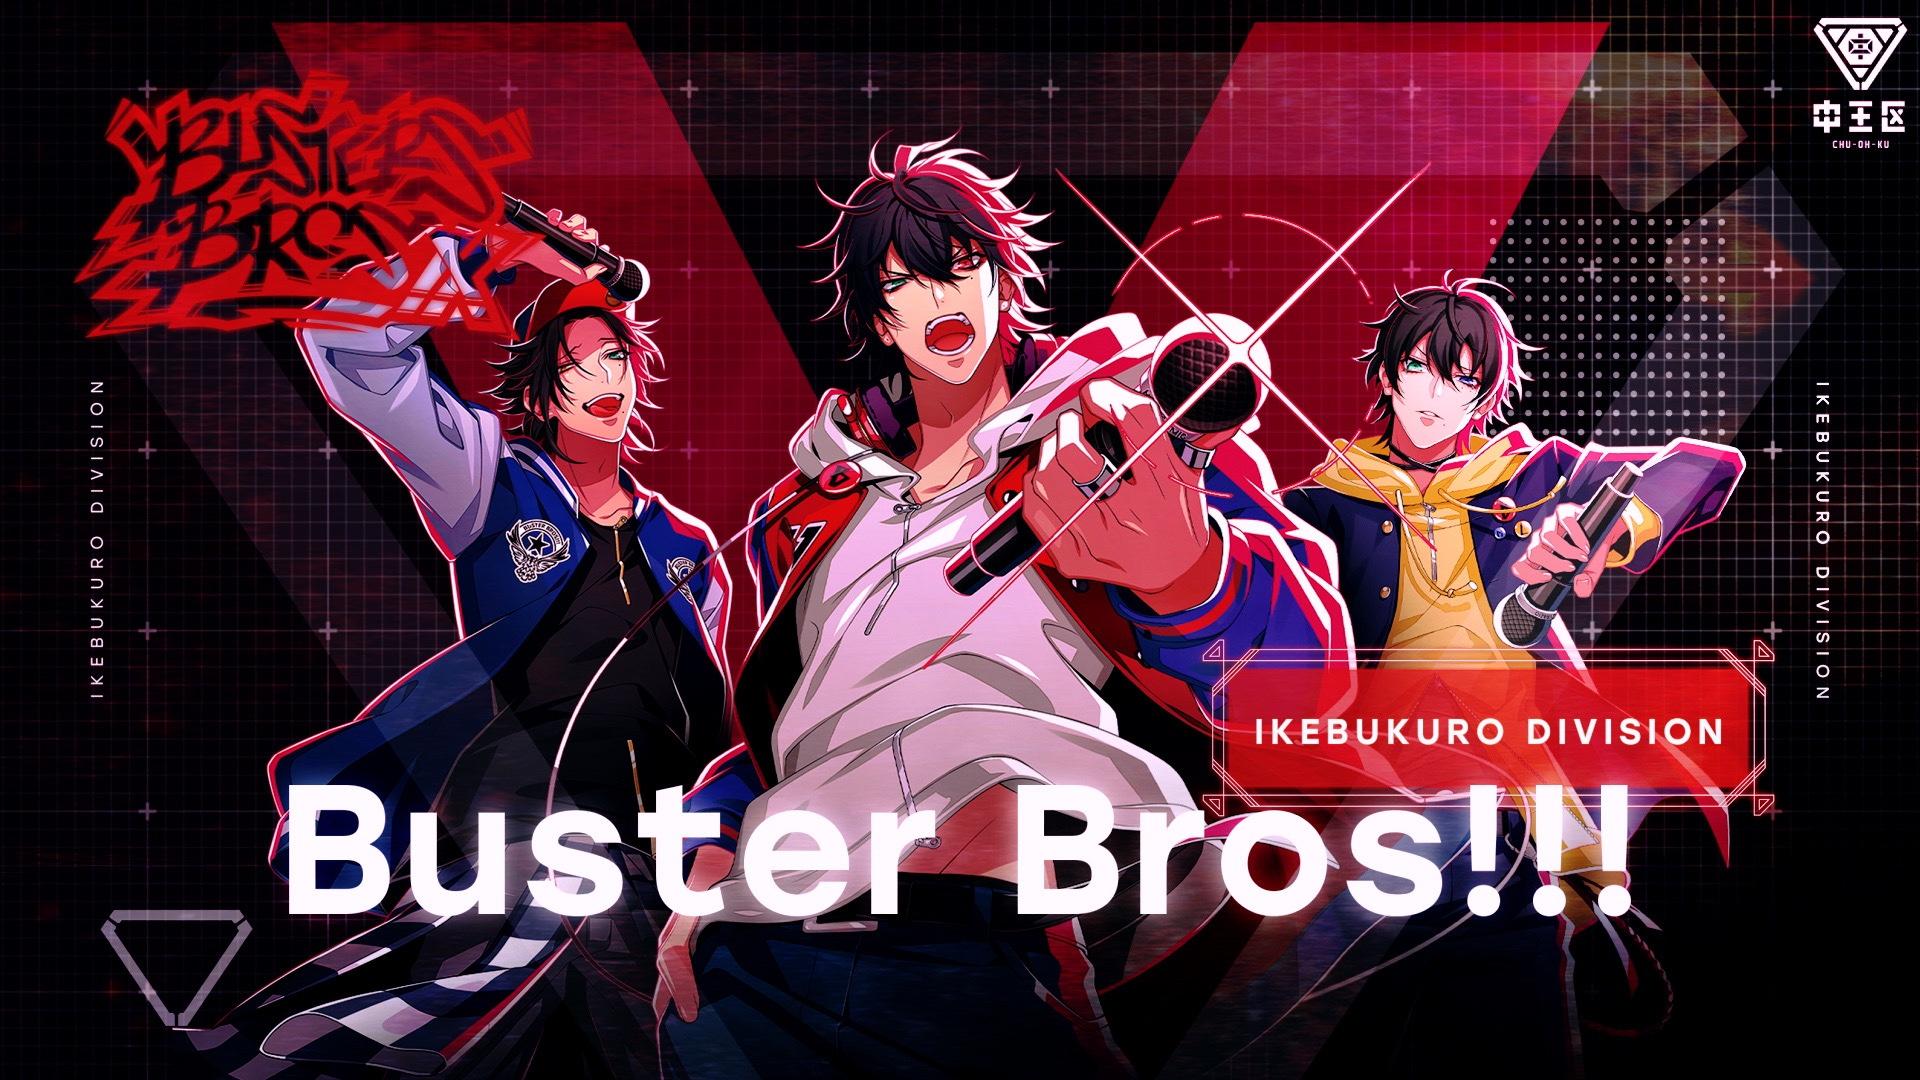 """「ヒプマイ」中王区の機密データが流出!?""""Buster Bros!!!""""の調査報告書が動画で公開"""